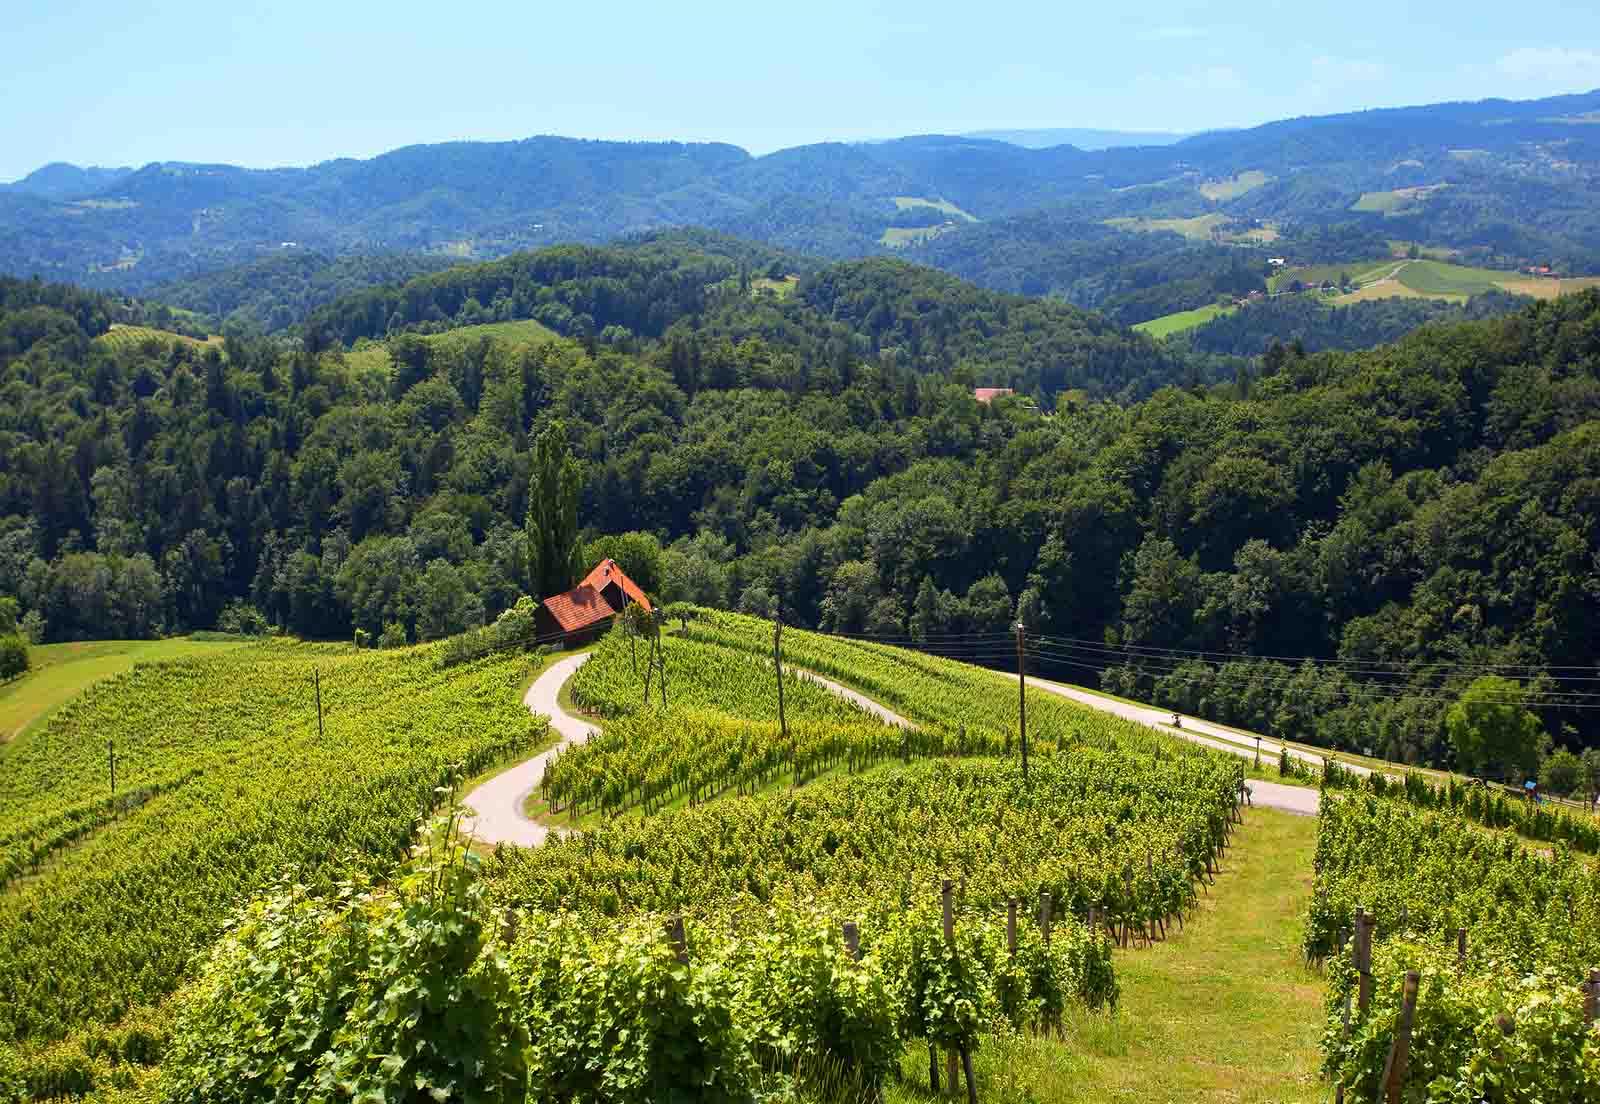 strada a forma di cuore tra i vitigni sloveni